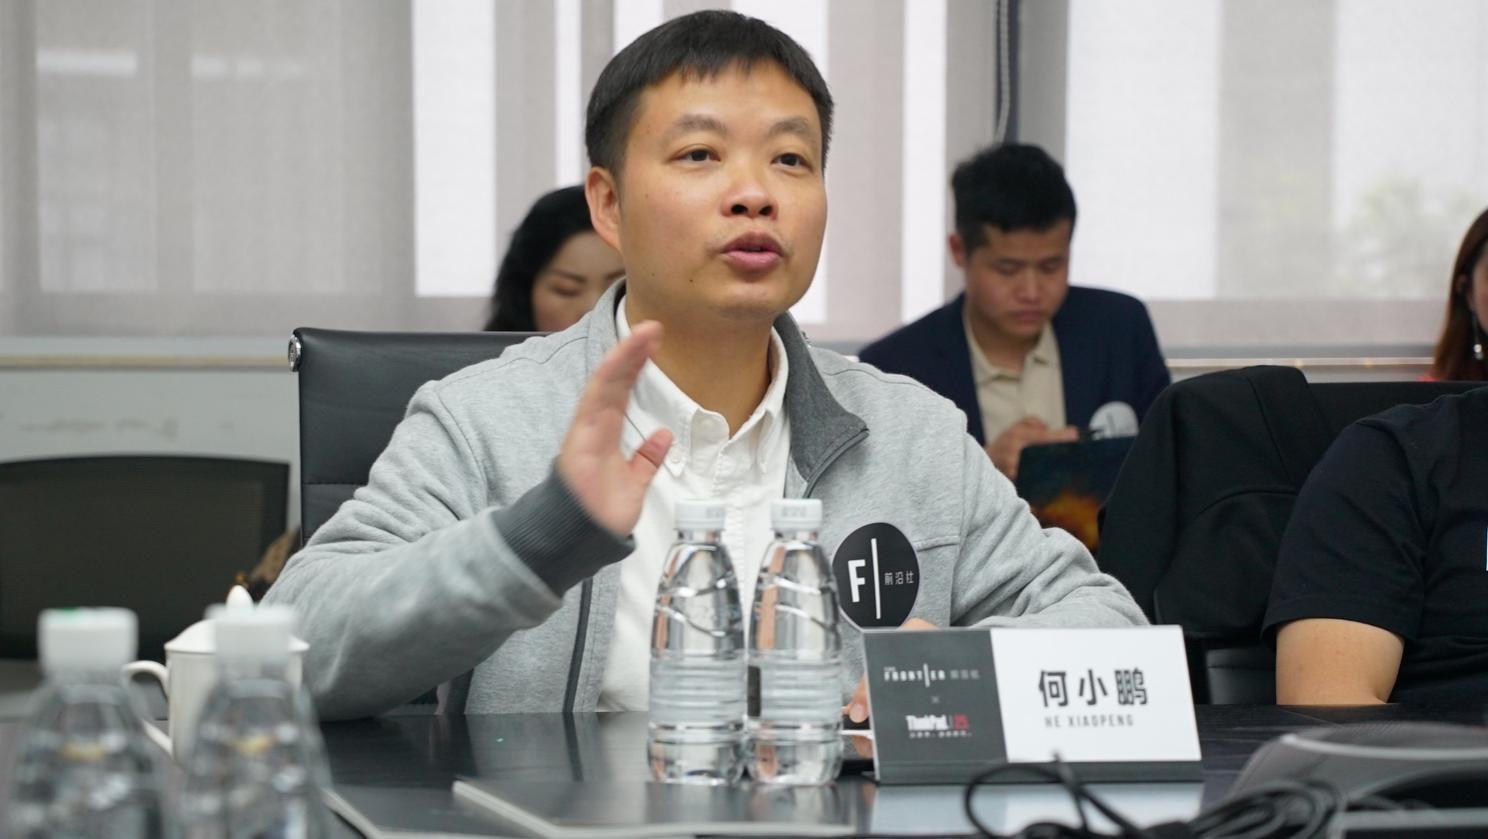 何小鹏:这两天已购入超1亿美元的小米股票